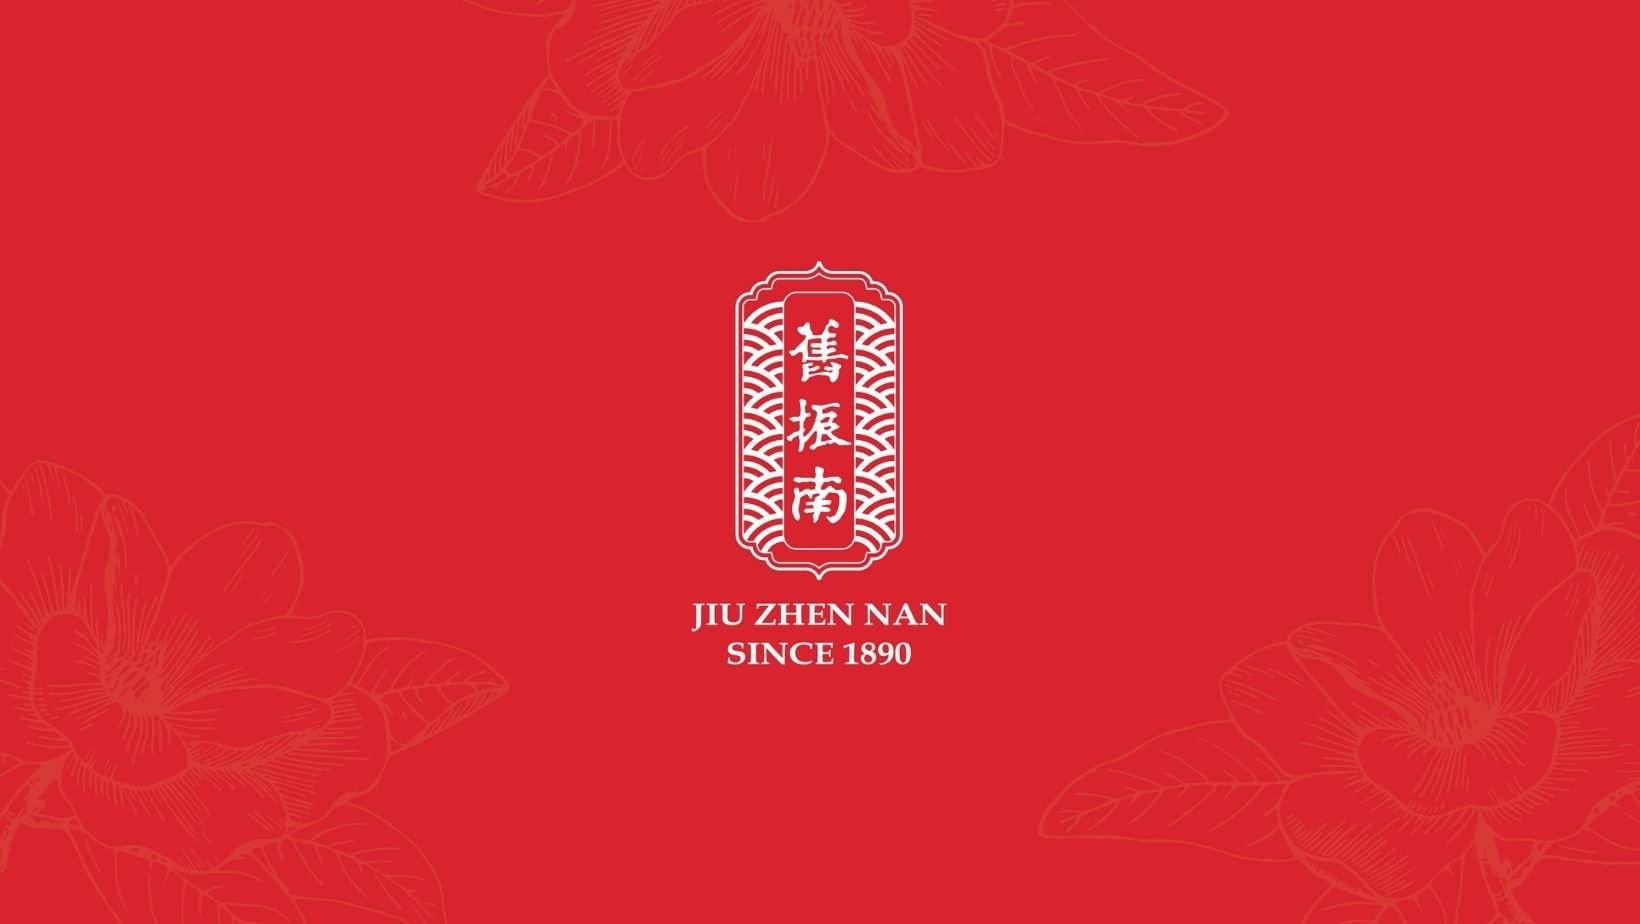 【聯名優惠】舊振南喜餅-百年傳承